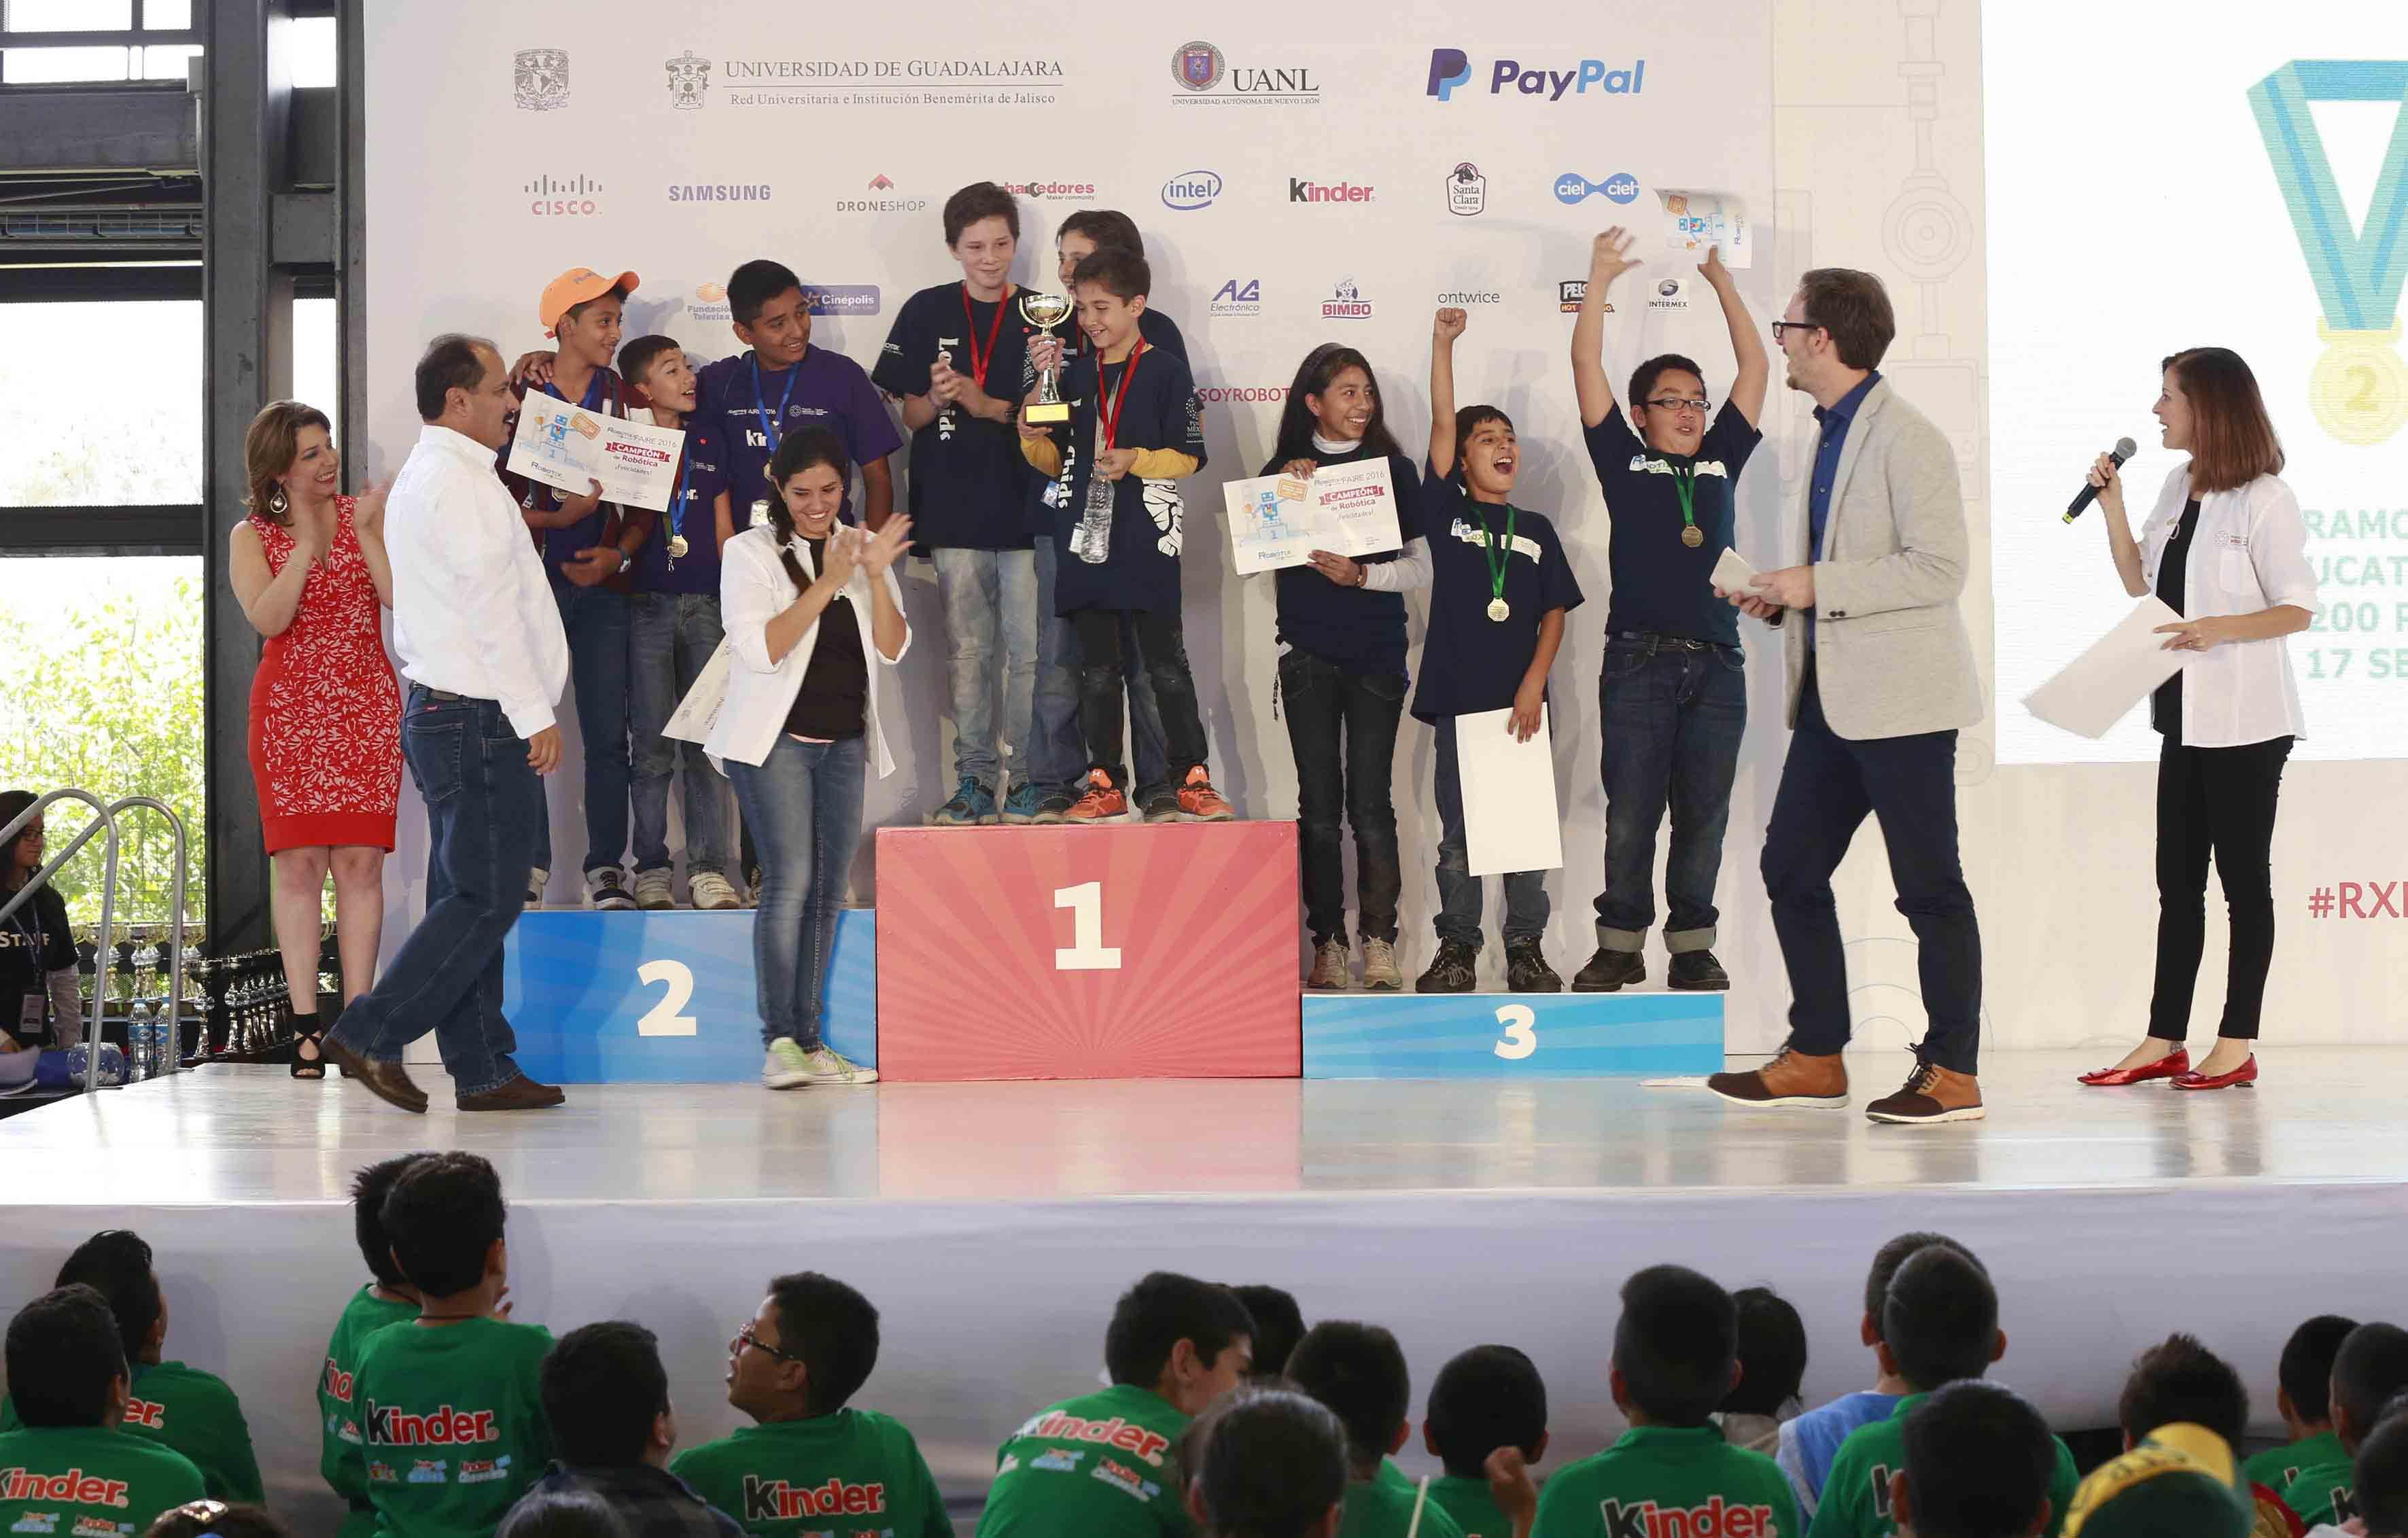 Niños ganadores mostrando sus reconocimientos